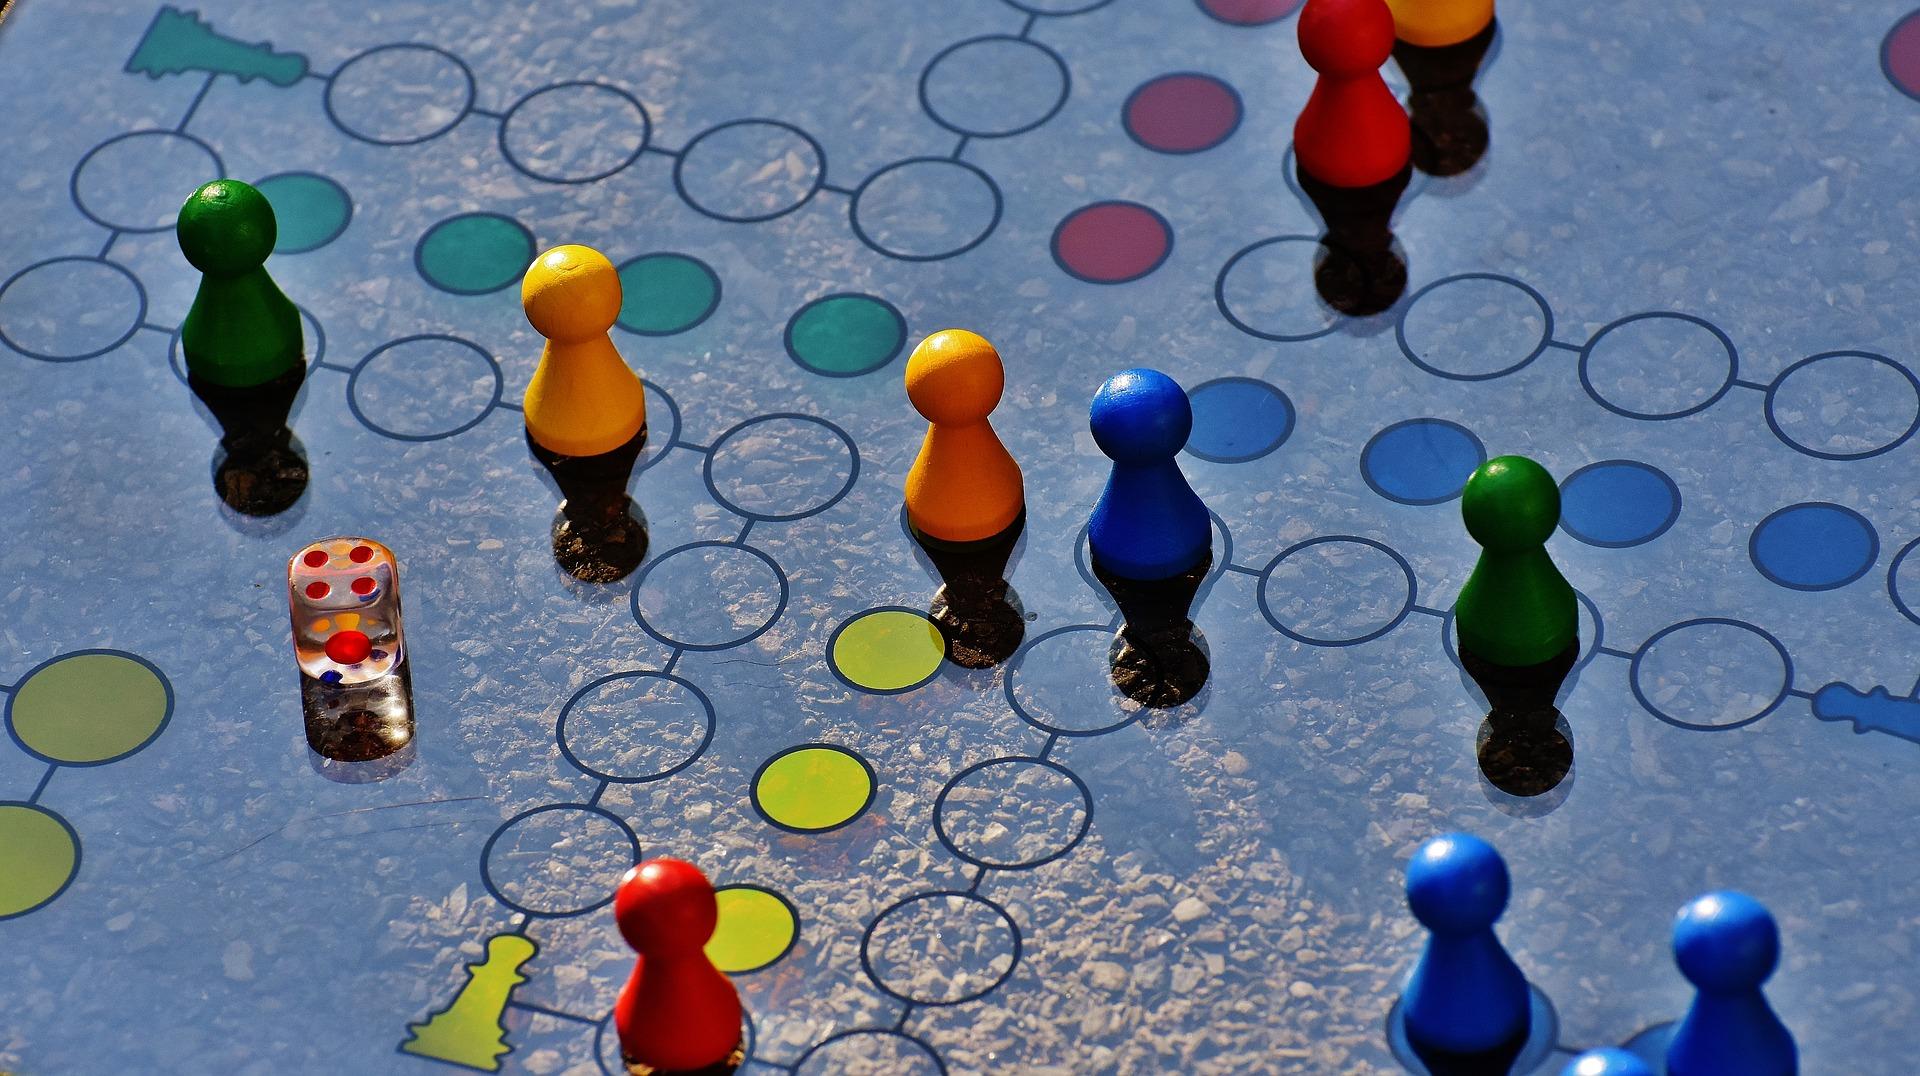 Juegos de mesa: ¿Cuáles son los mejores del 2021?